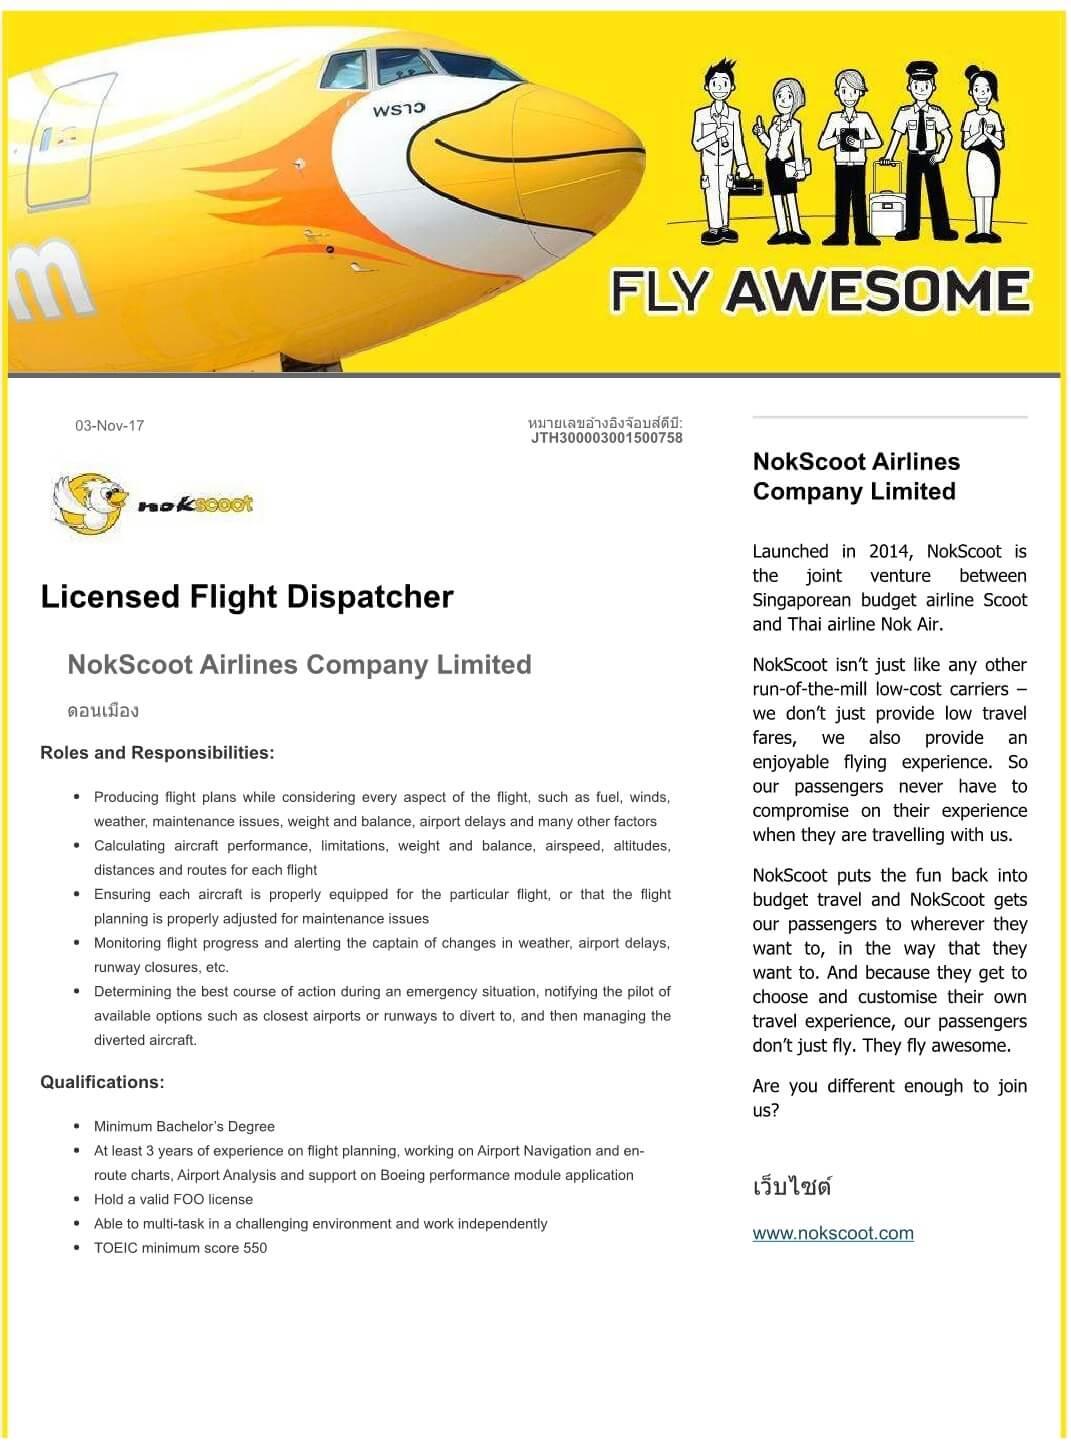 NokScoot เปิดรับสมัครงานตำแหน่ง Licensed Flight Dispatcher ประจำสนามบินดอนเมือง